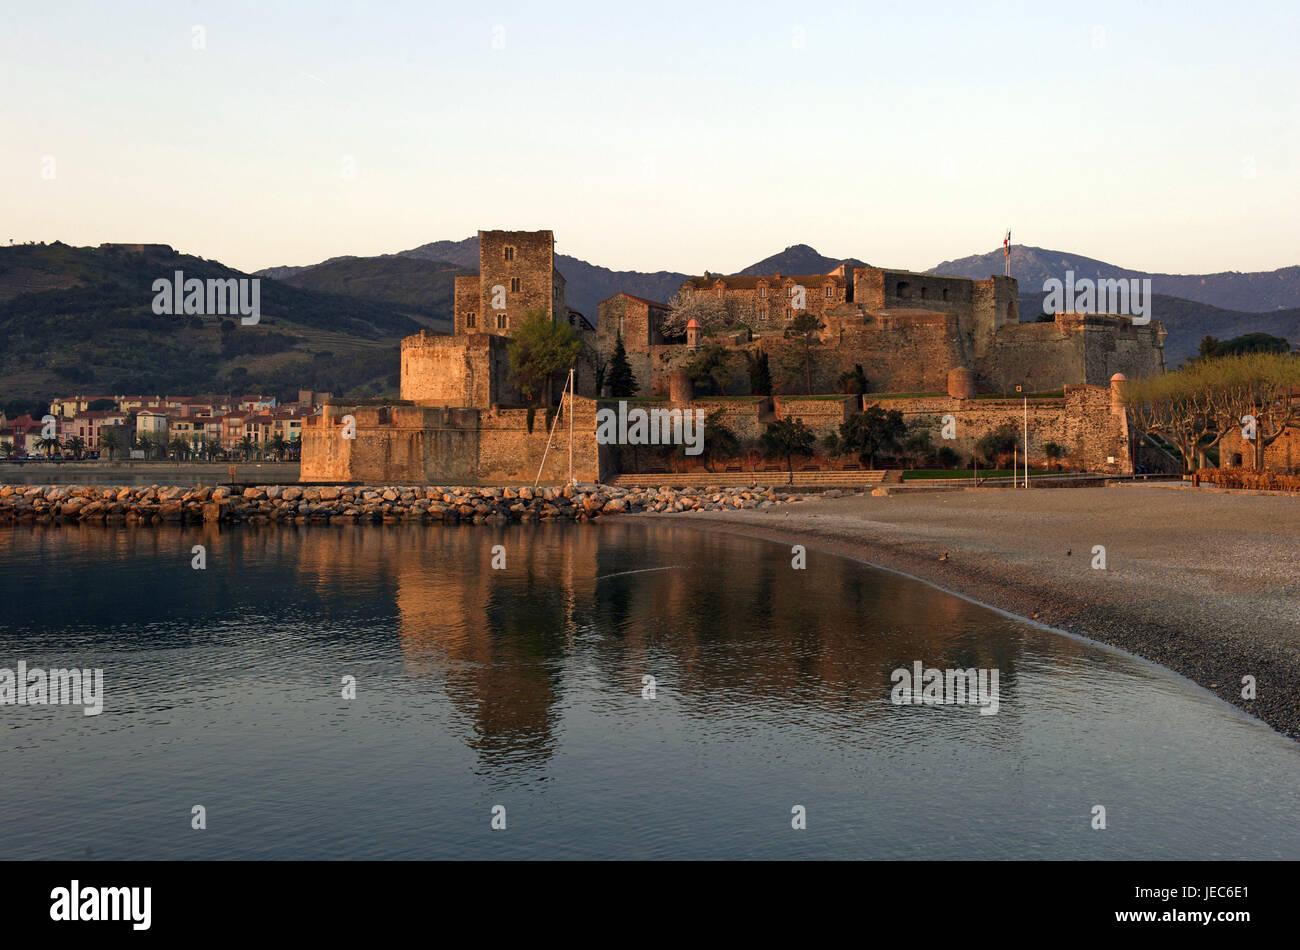 Europe, France, Collioure, château royal, Europe, France, Languedoc-Roussillon, Collioure, Département - Stock Image